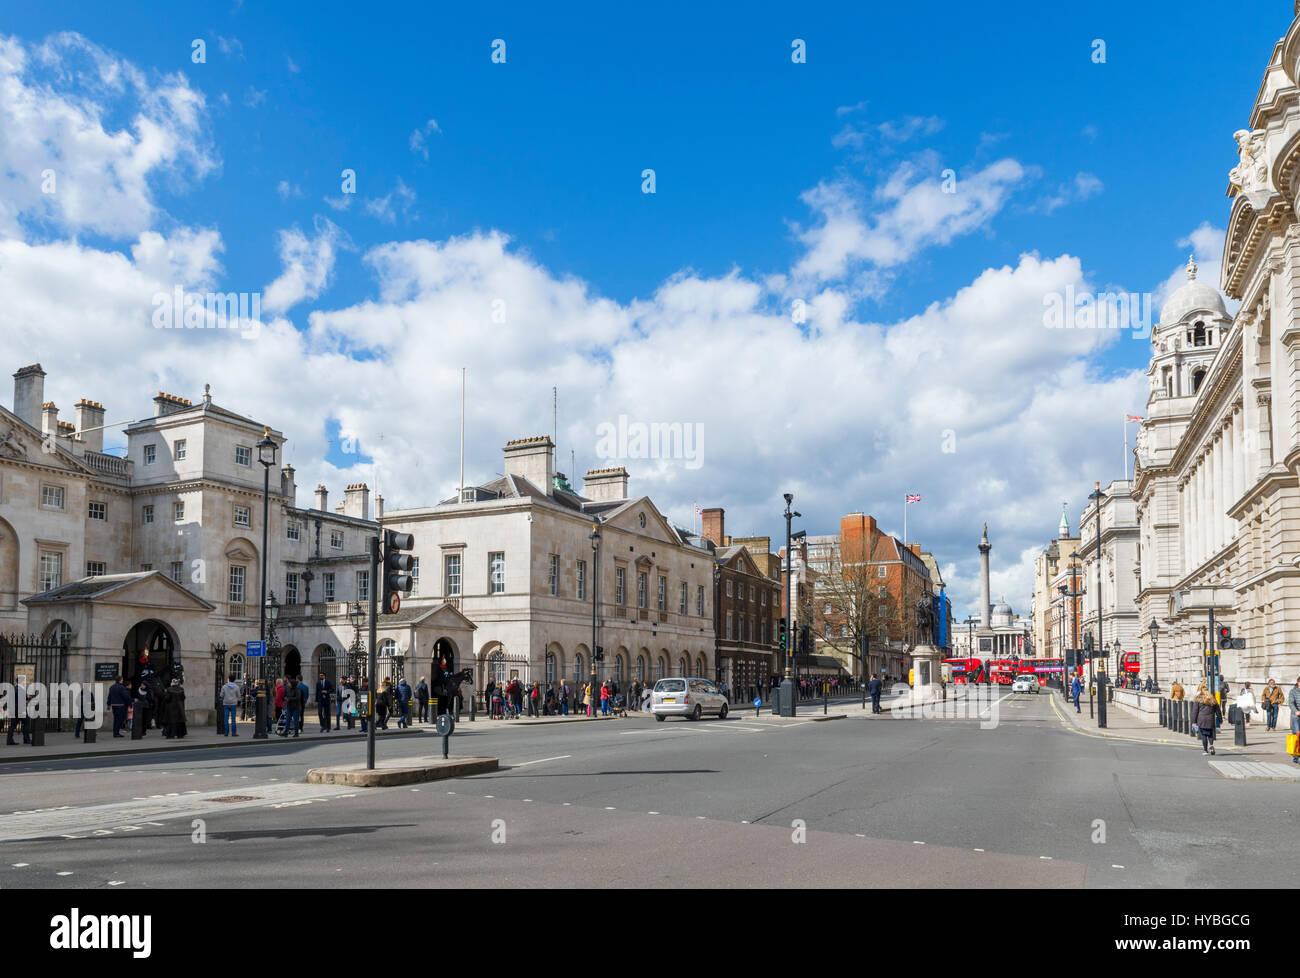 Whitehall, Londra. Visualizza in basso Whitehall con la Horse Guards edificio a sinistra e Nelson's Colonna Immagini Stock